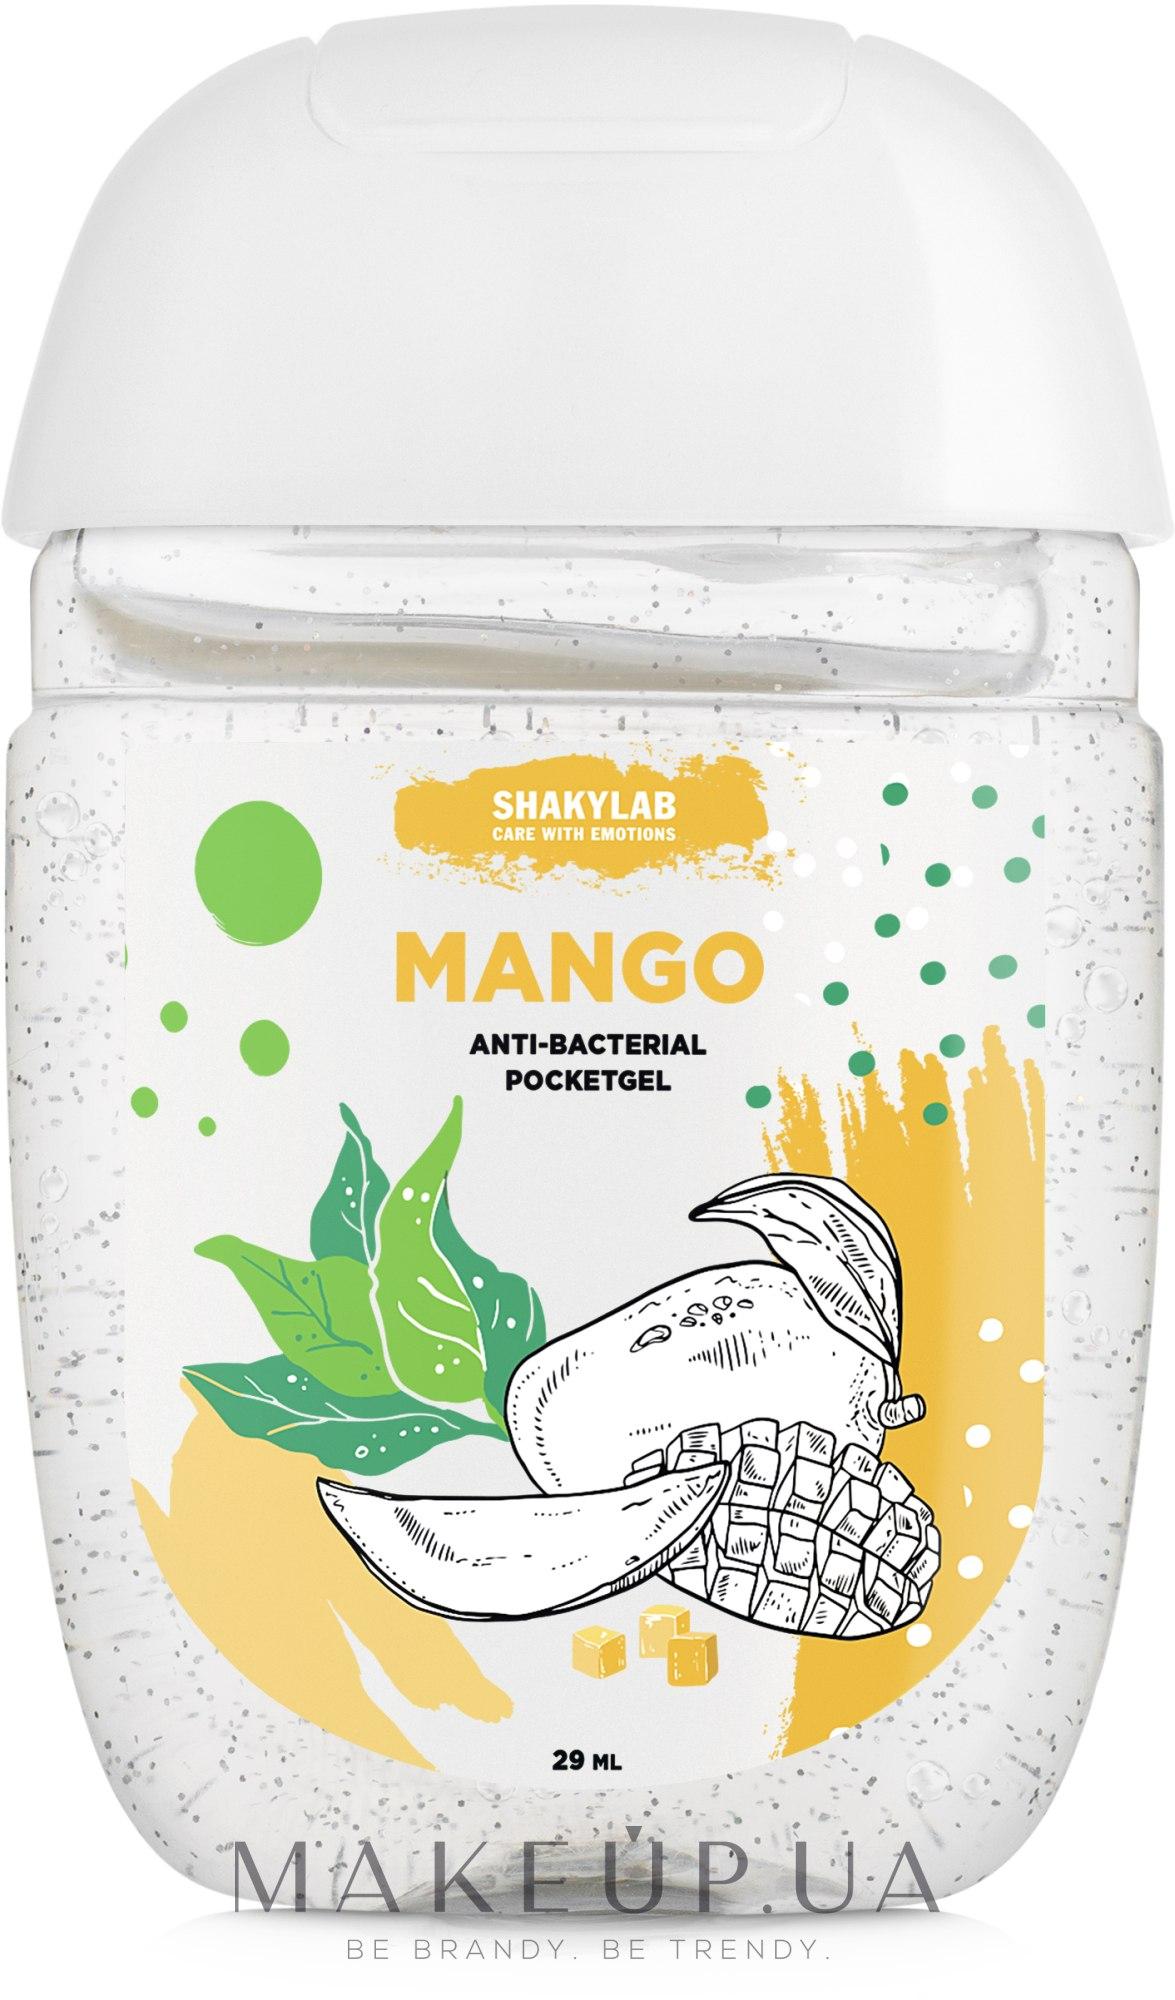 """Антибактериальный гель для рук """"Mango"""" - SHAKYLAB Anti-Bacterial Pocket Gel — фото 29g"""